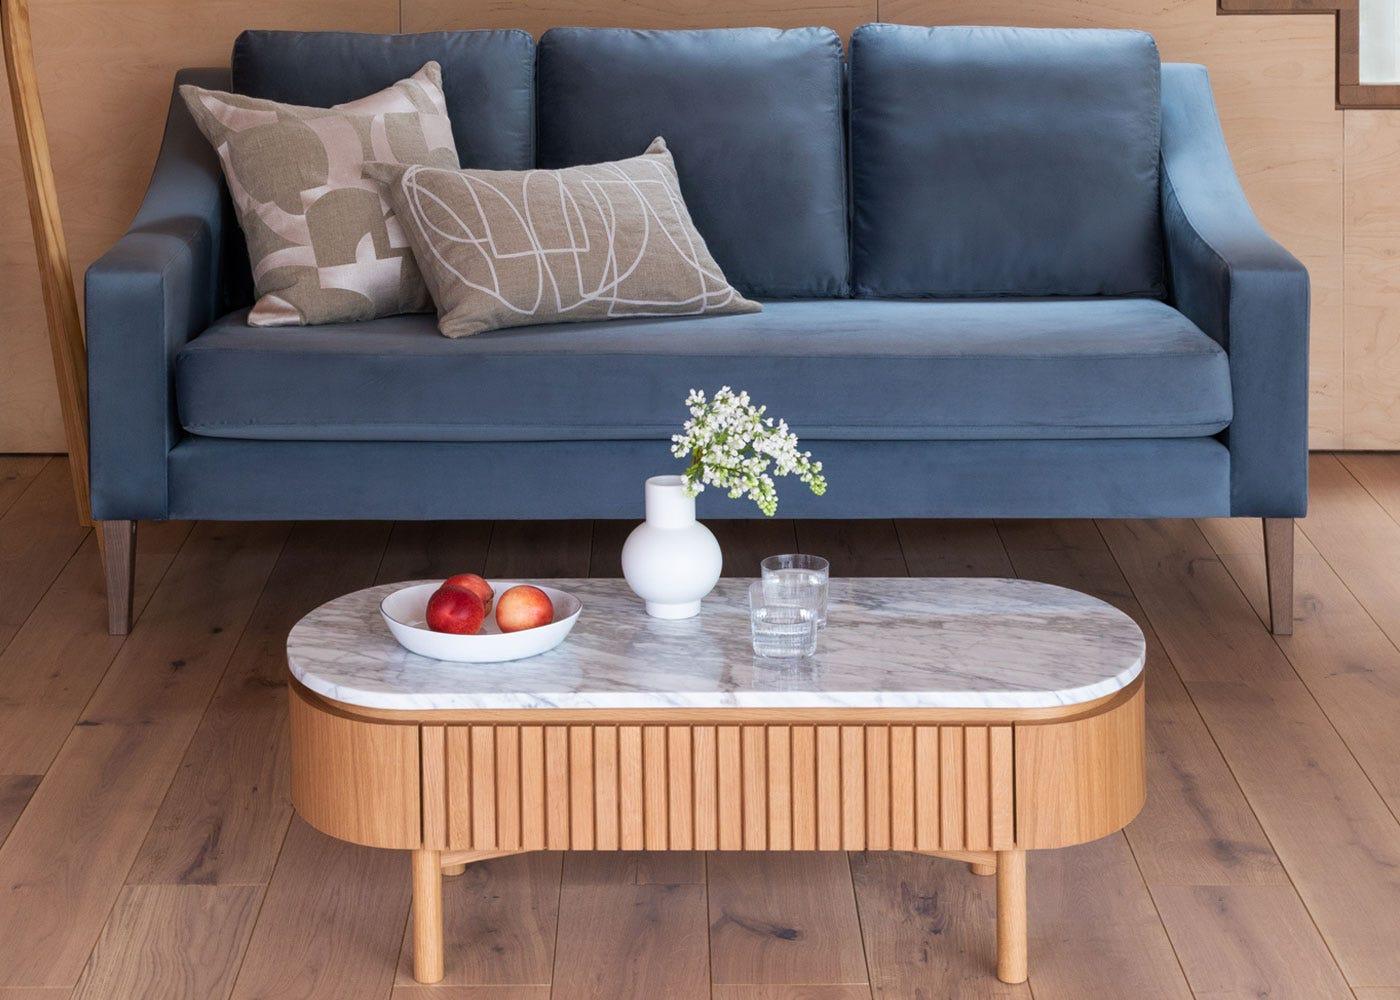 Remi Coffee table in oak, Richmond 3 seater sofa.